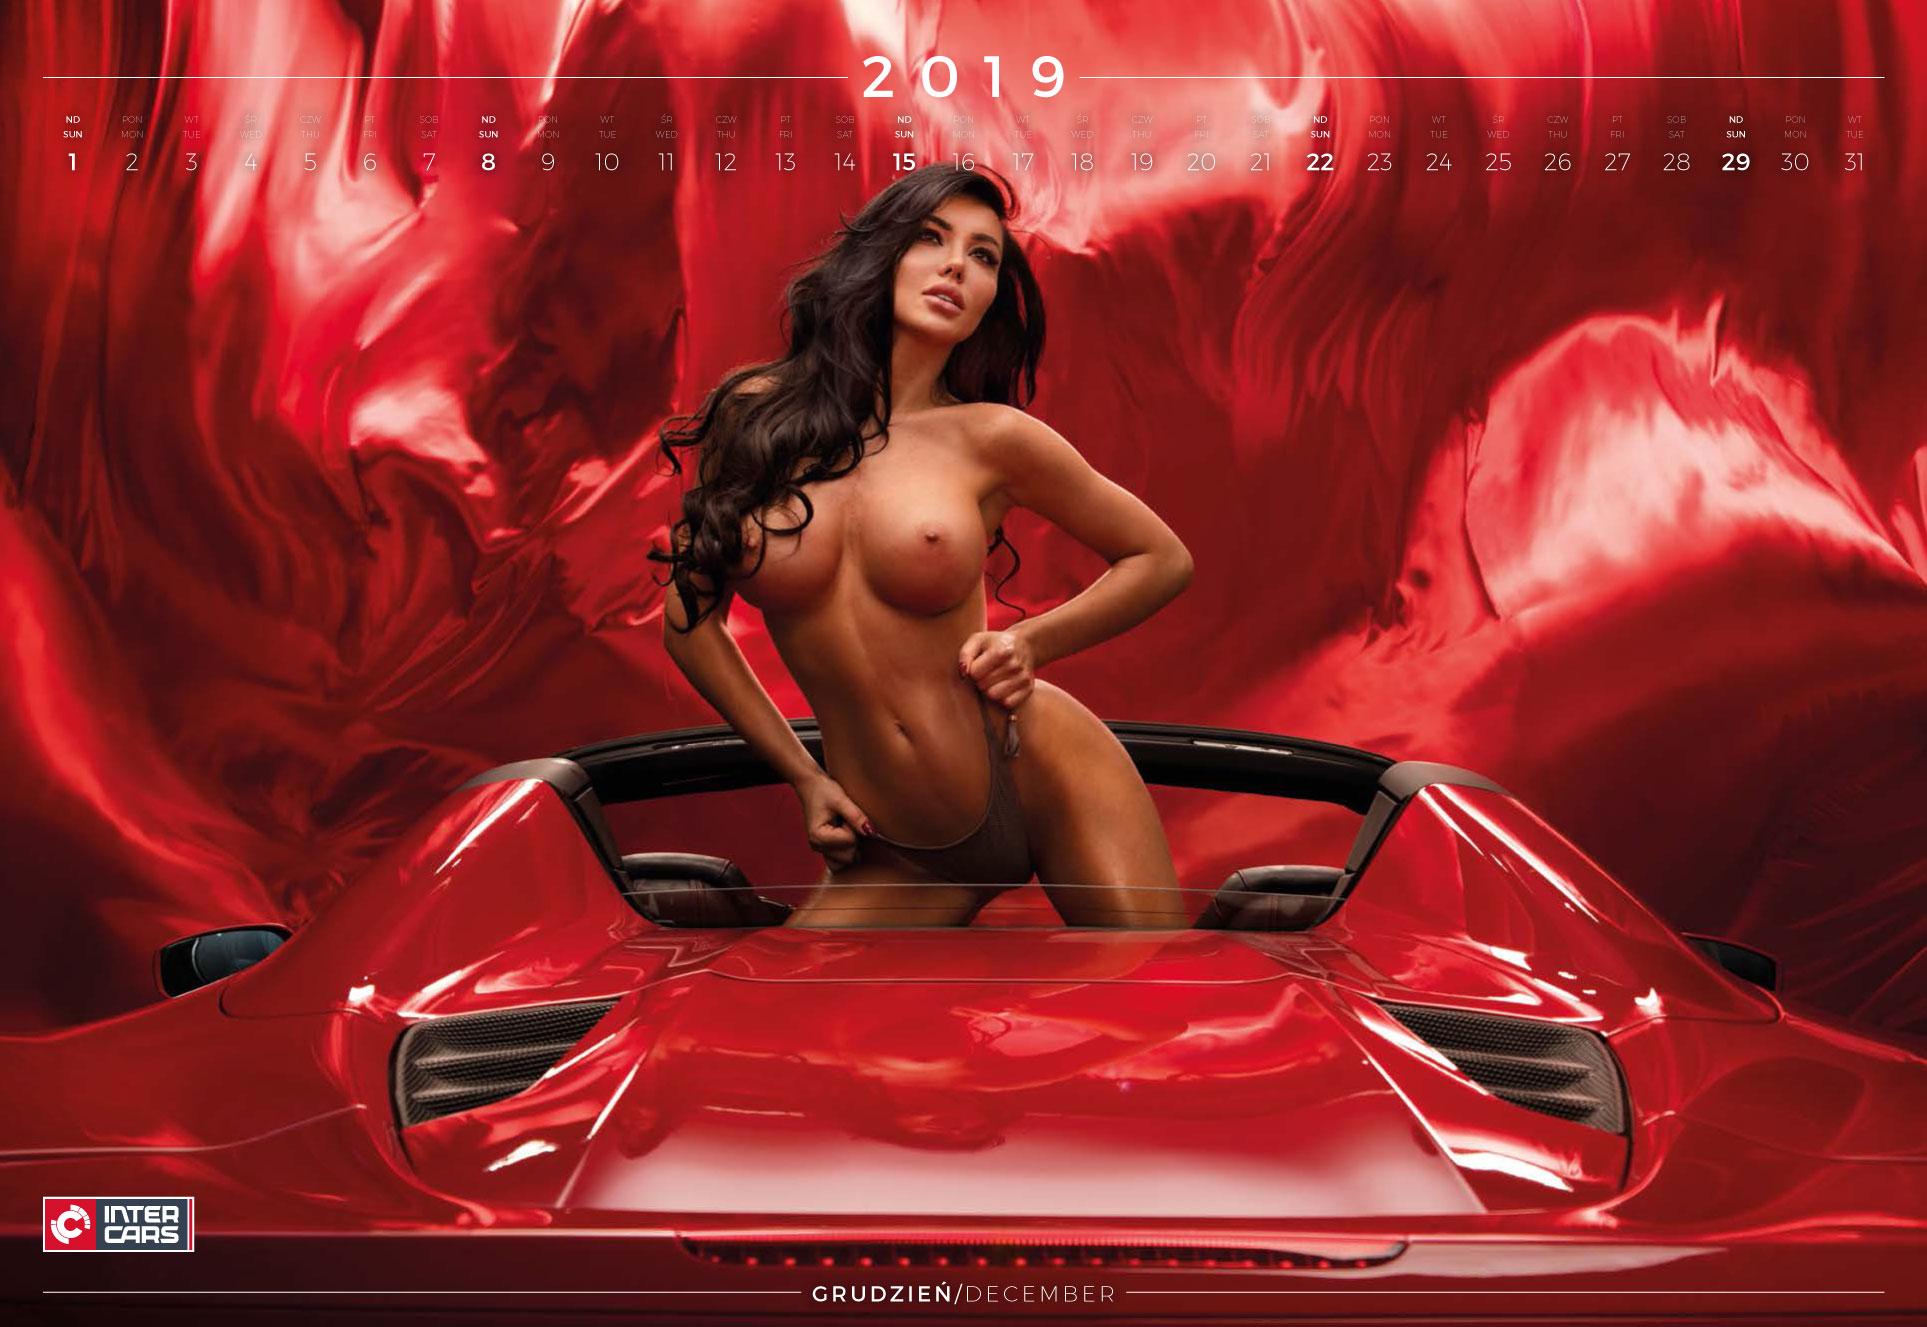 декабрь - эротический календарь 2019 Inter Cars SA / польский дистрибьютор автомобилей, сопутствующих товаров и запчастей